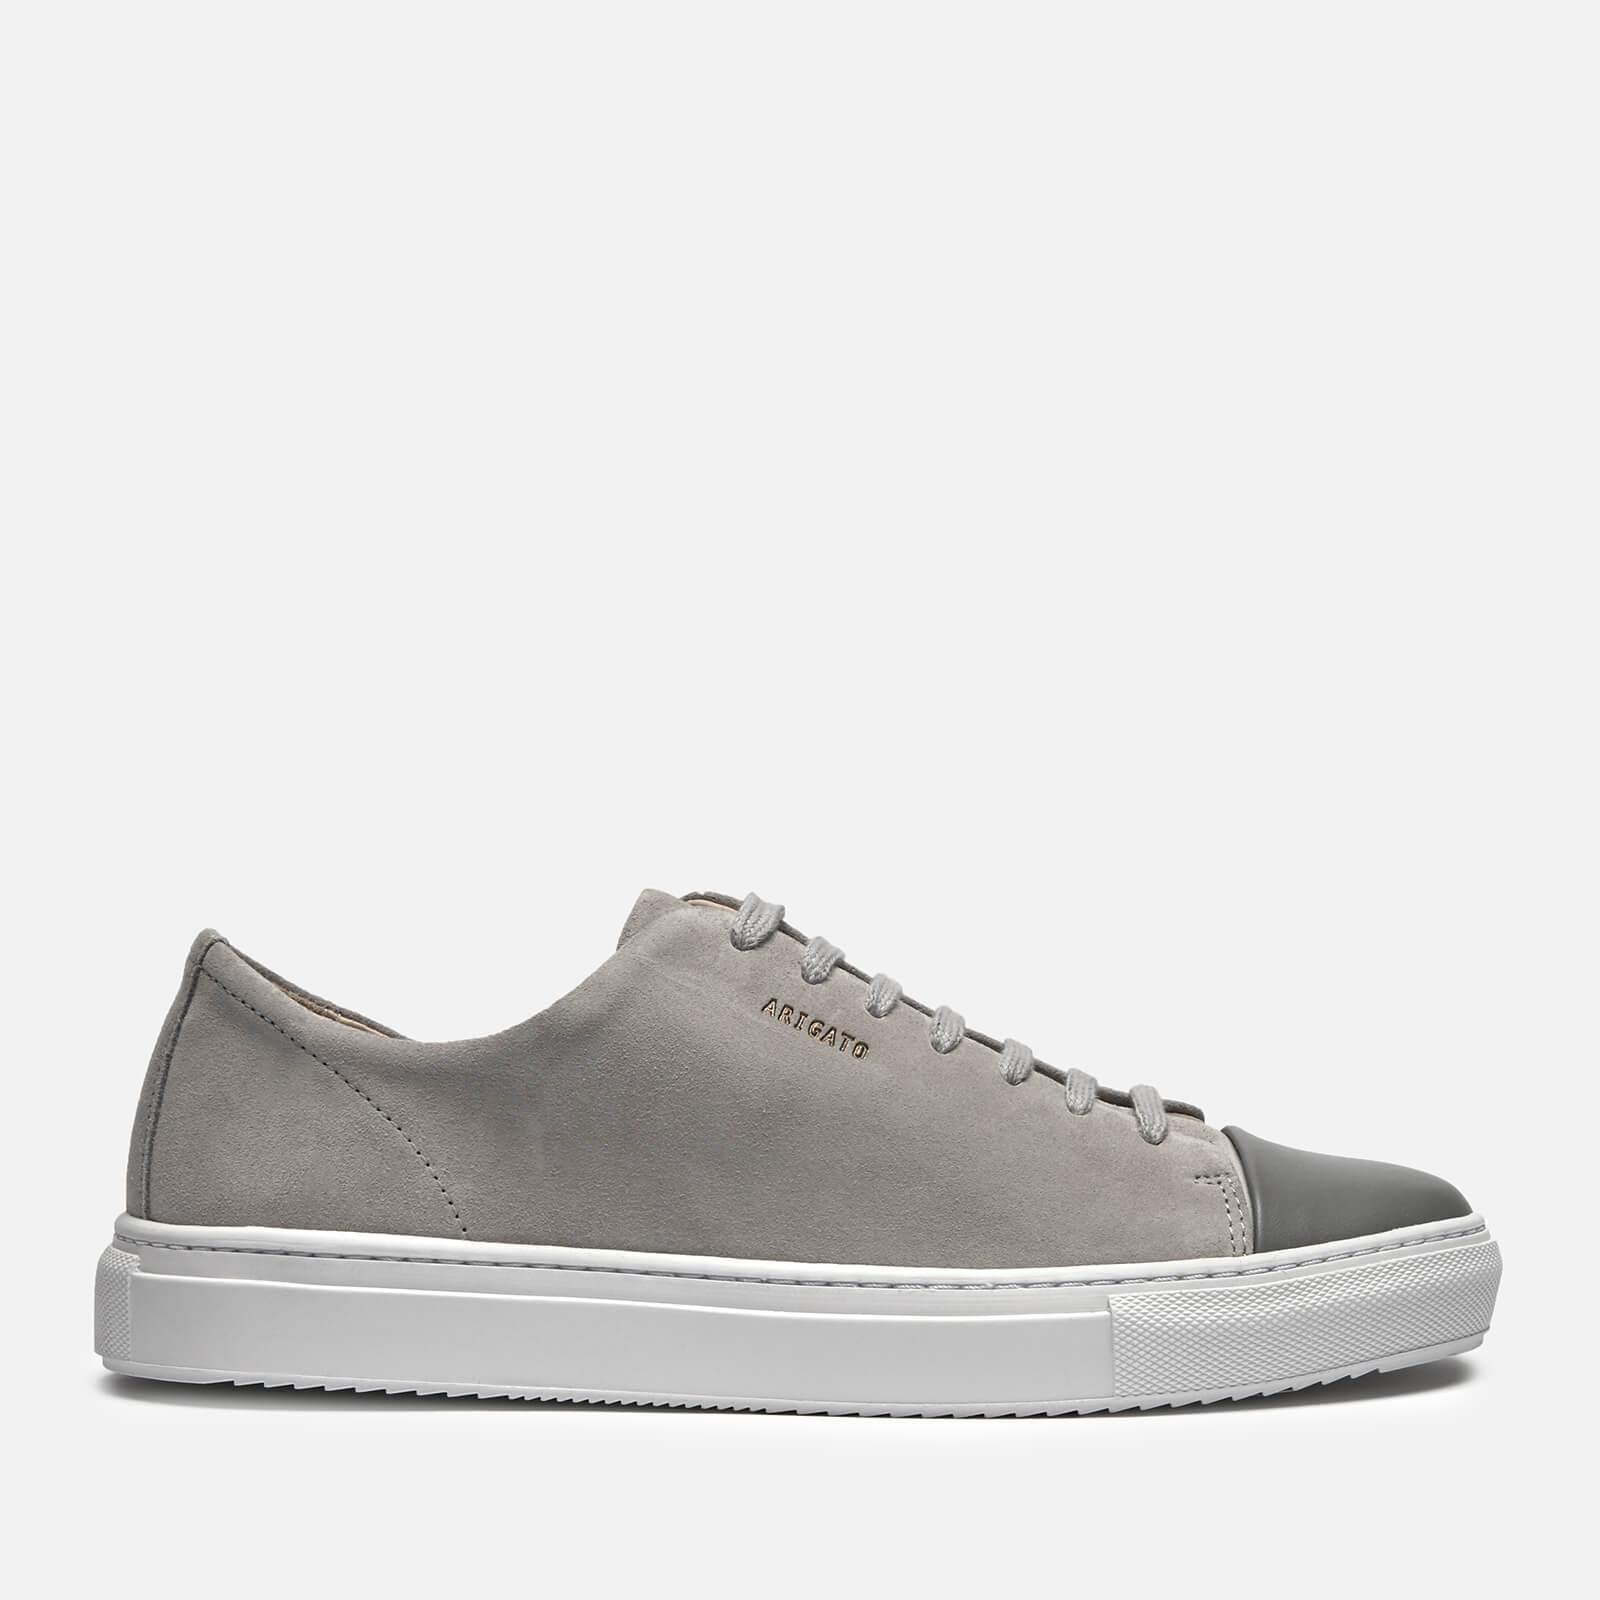 dernier style magasins d'usine style distinctif Axel Arigato Men's Cap Toe Suede Trainers - Light Grey